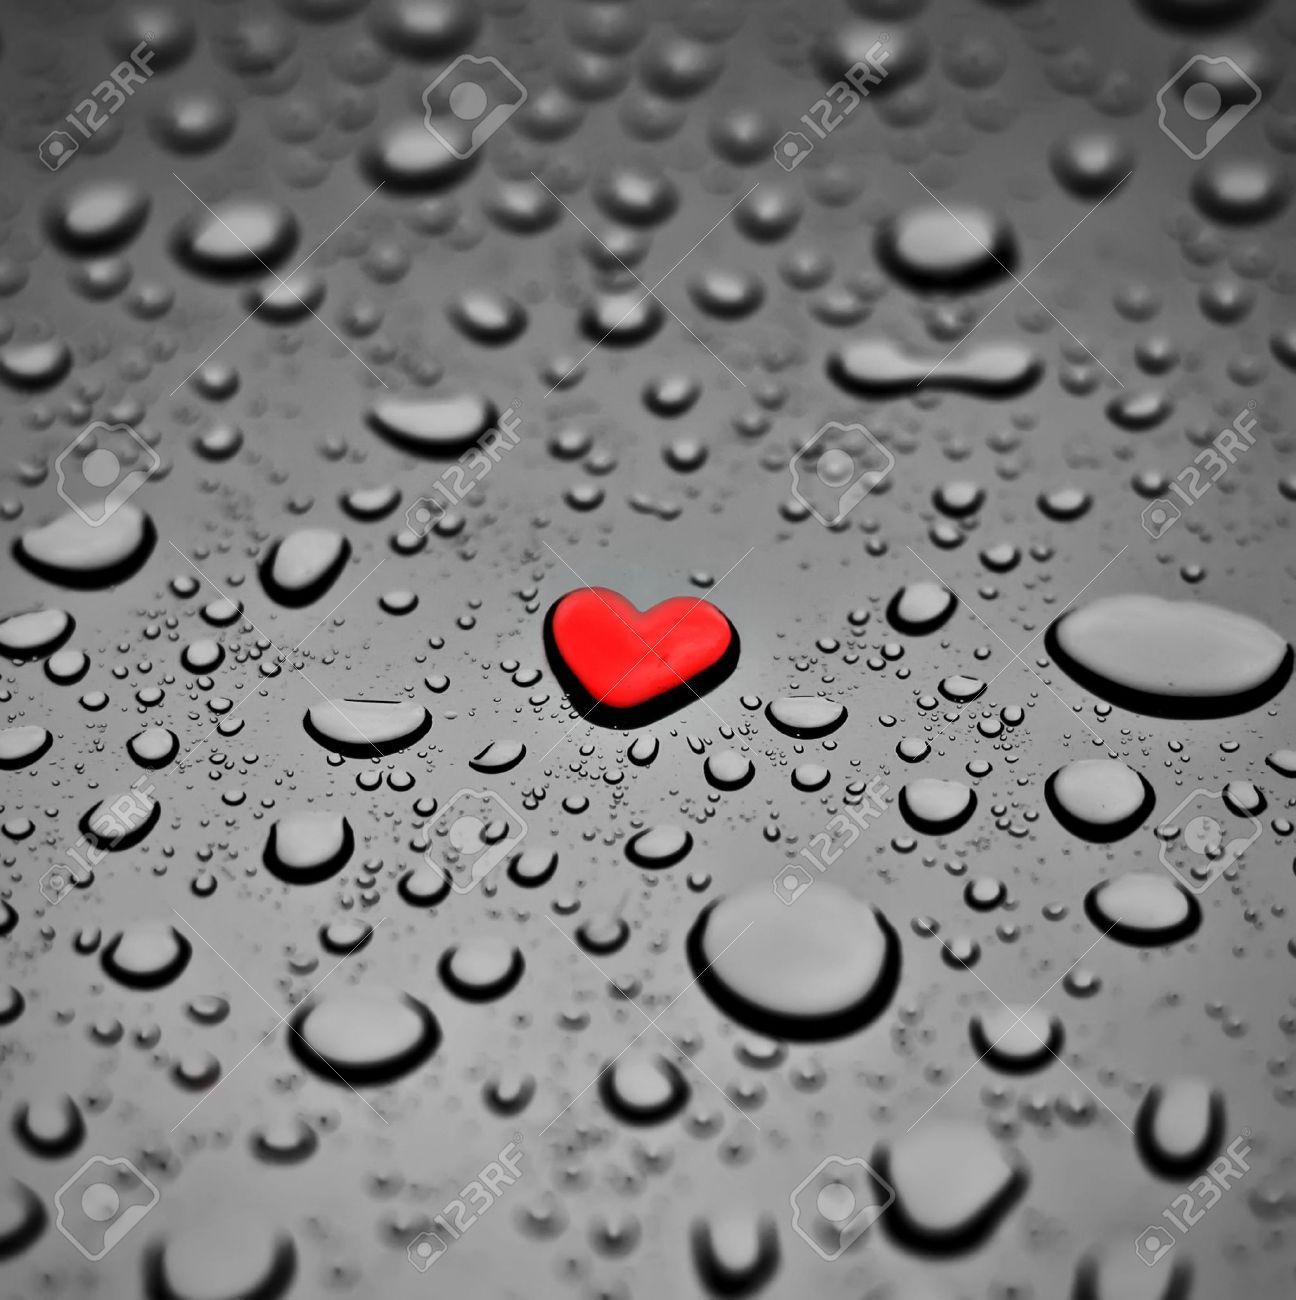 4333278-Coeur-rouge-comme-une-goutte-de-pluie-sur-le-fond-gris-Banque-d%27images